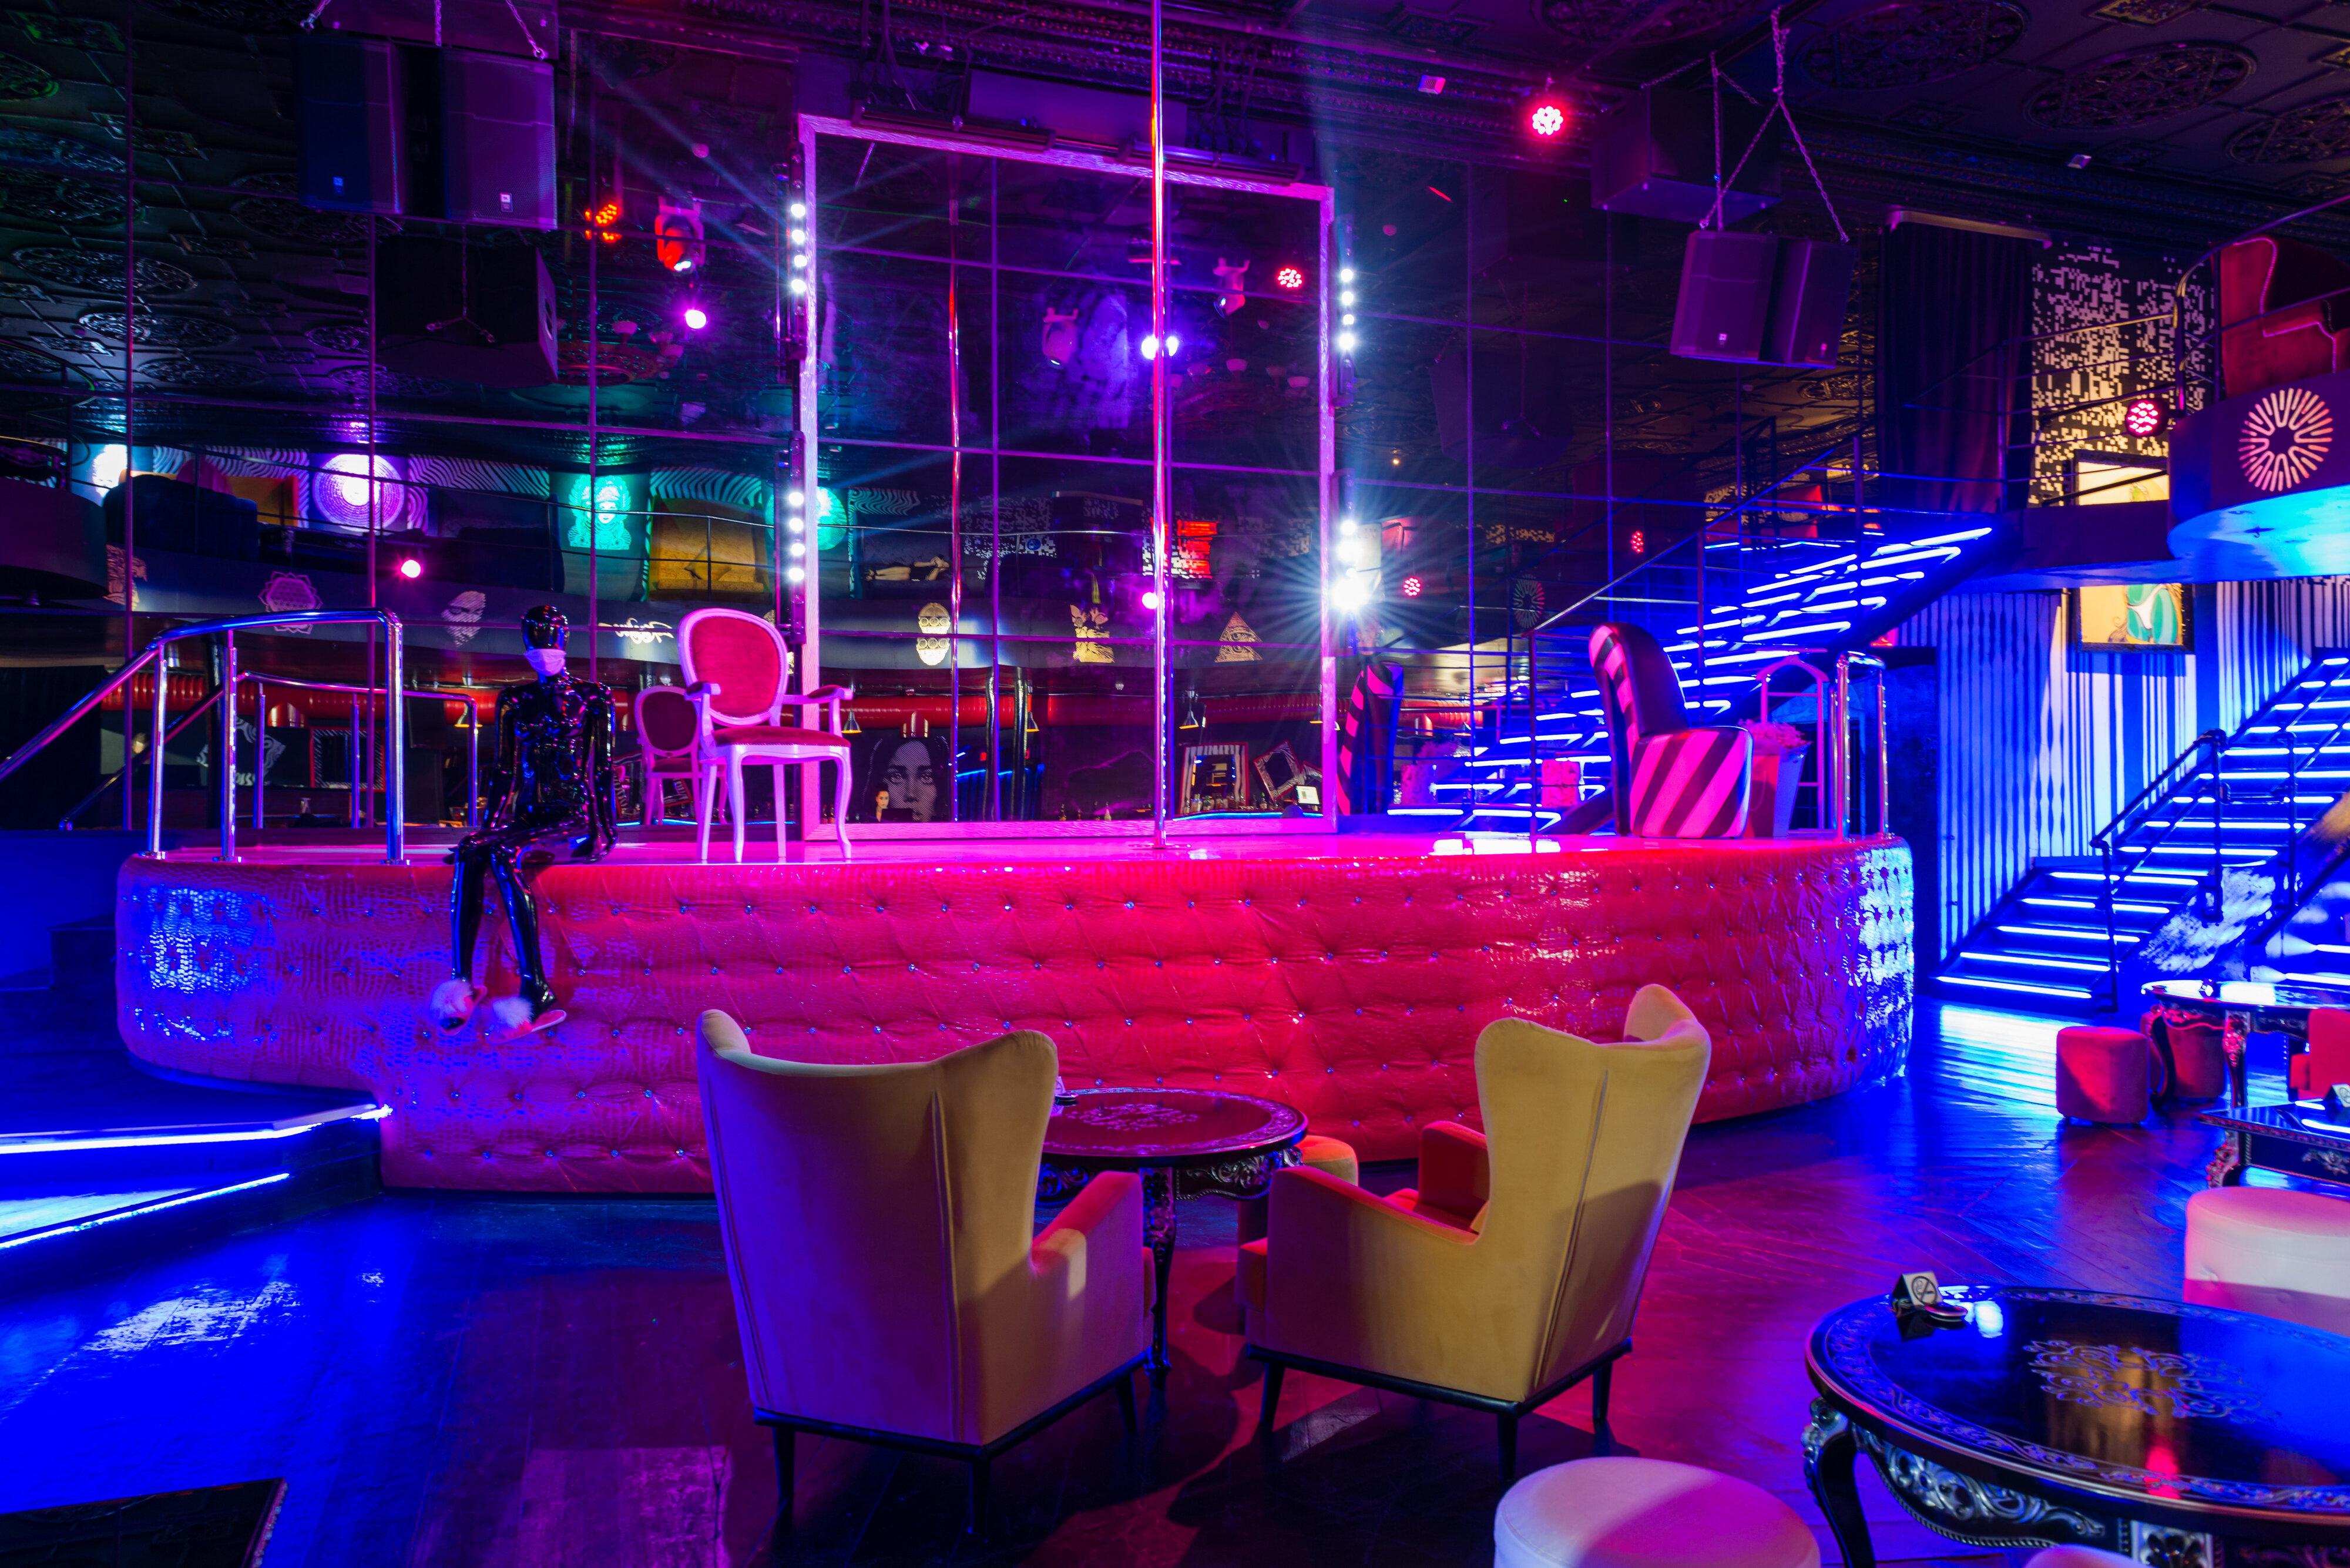 Стрип клуб на баррикадной текильщица это в ночном клубе